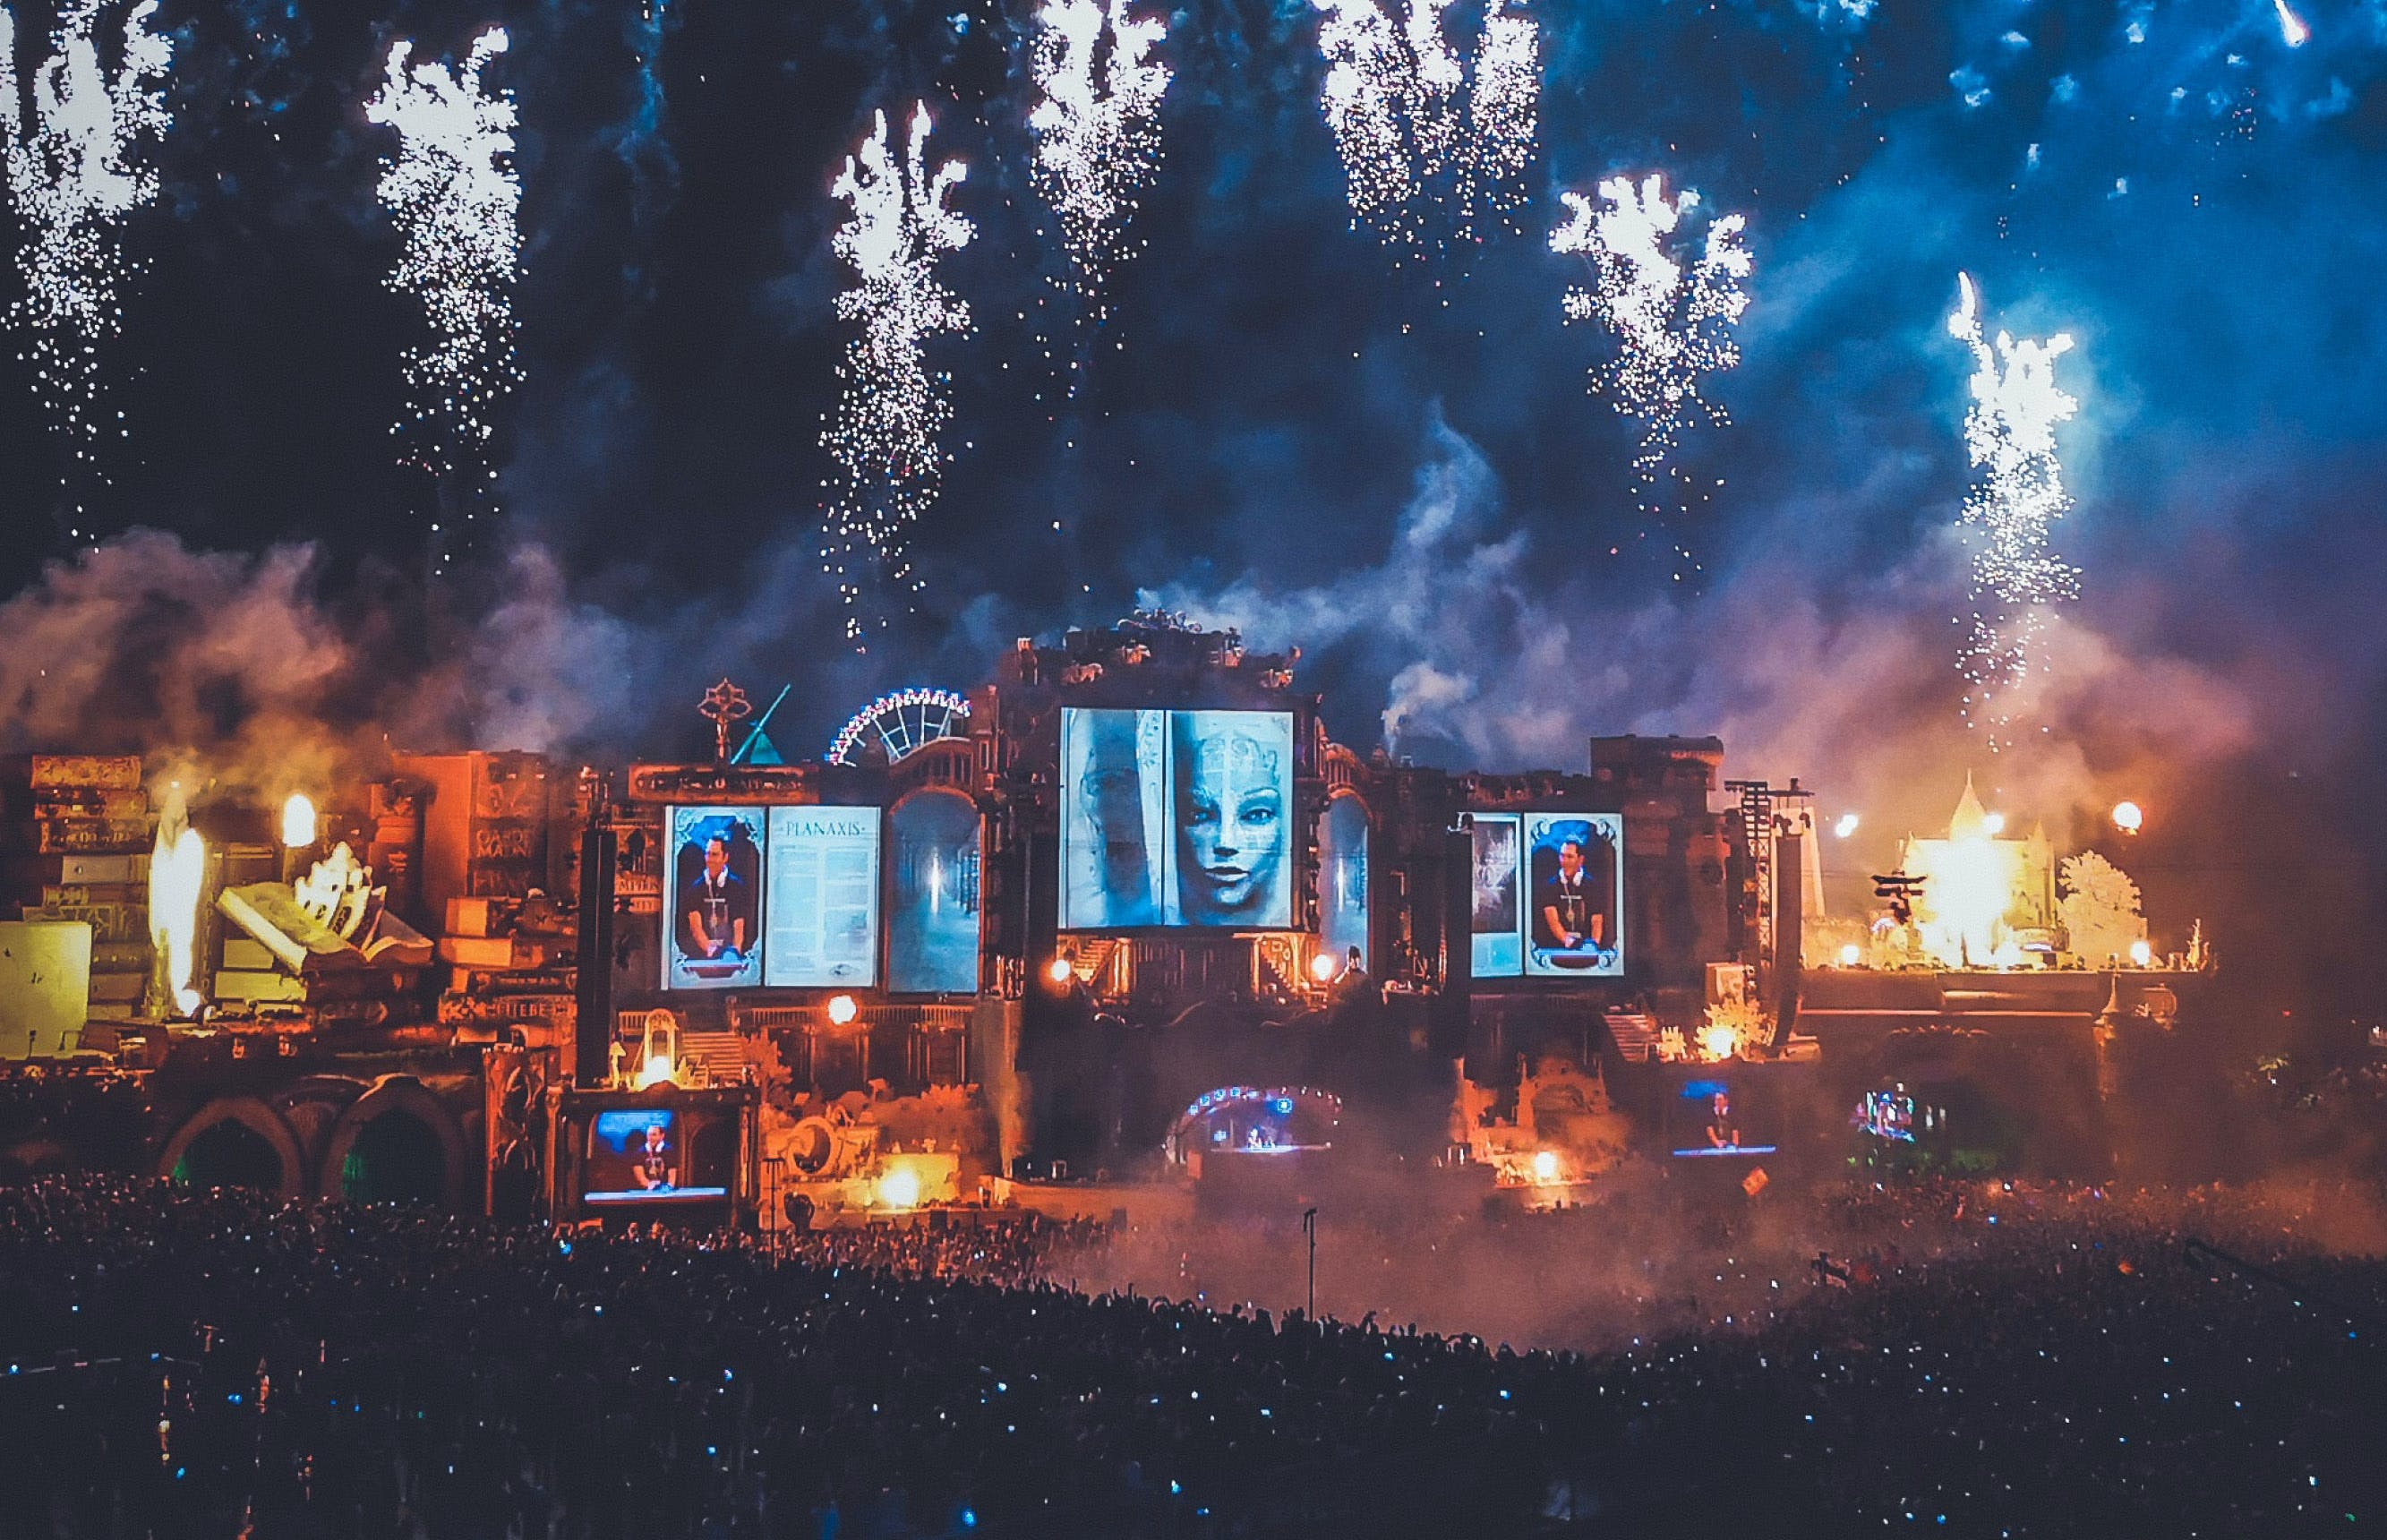 Nieuw label Tomorrowland sluit wereldwijde deal met Universal Music Group